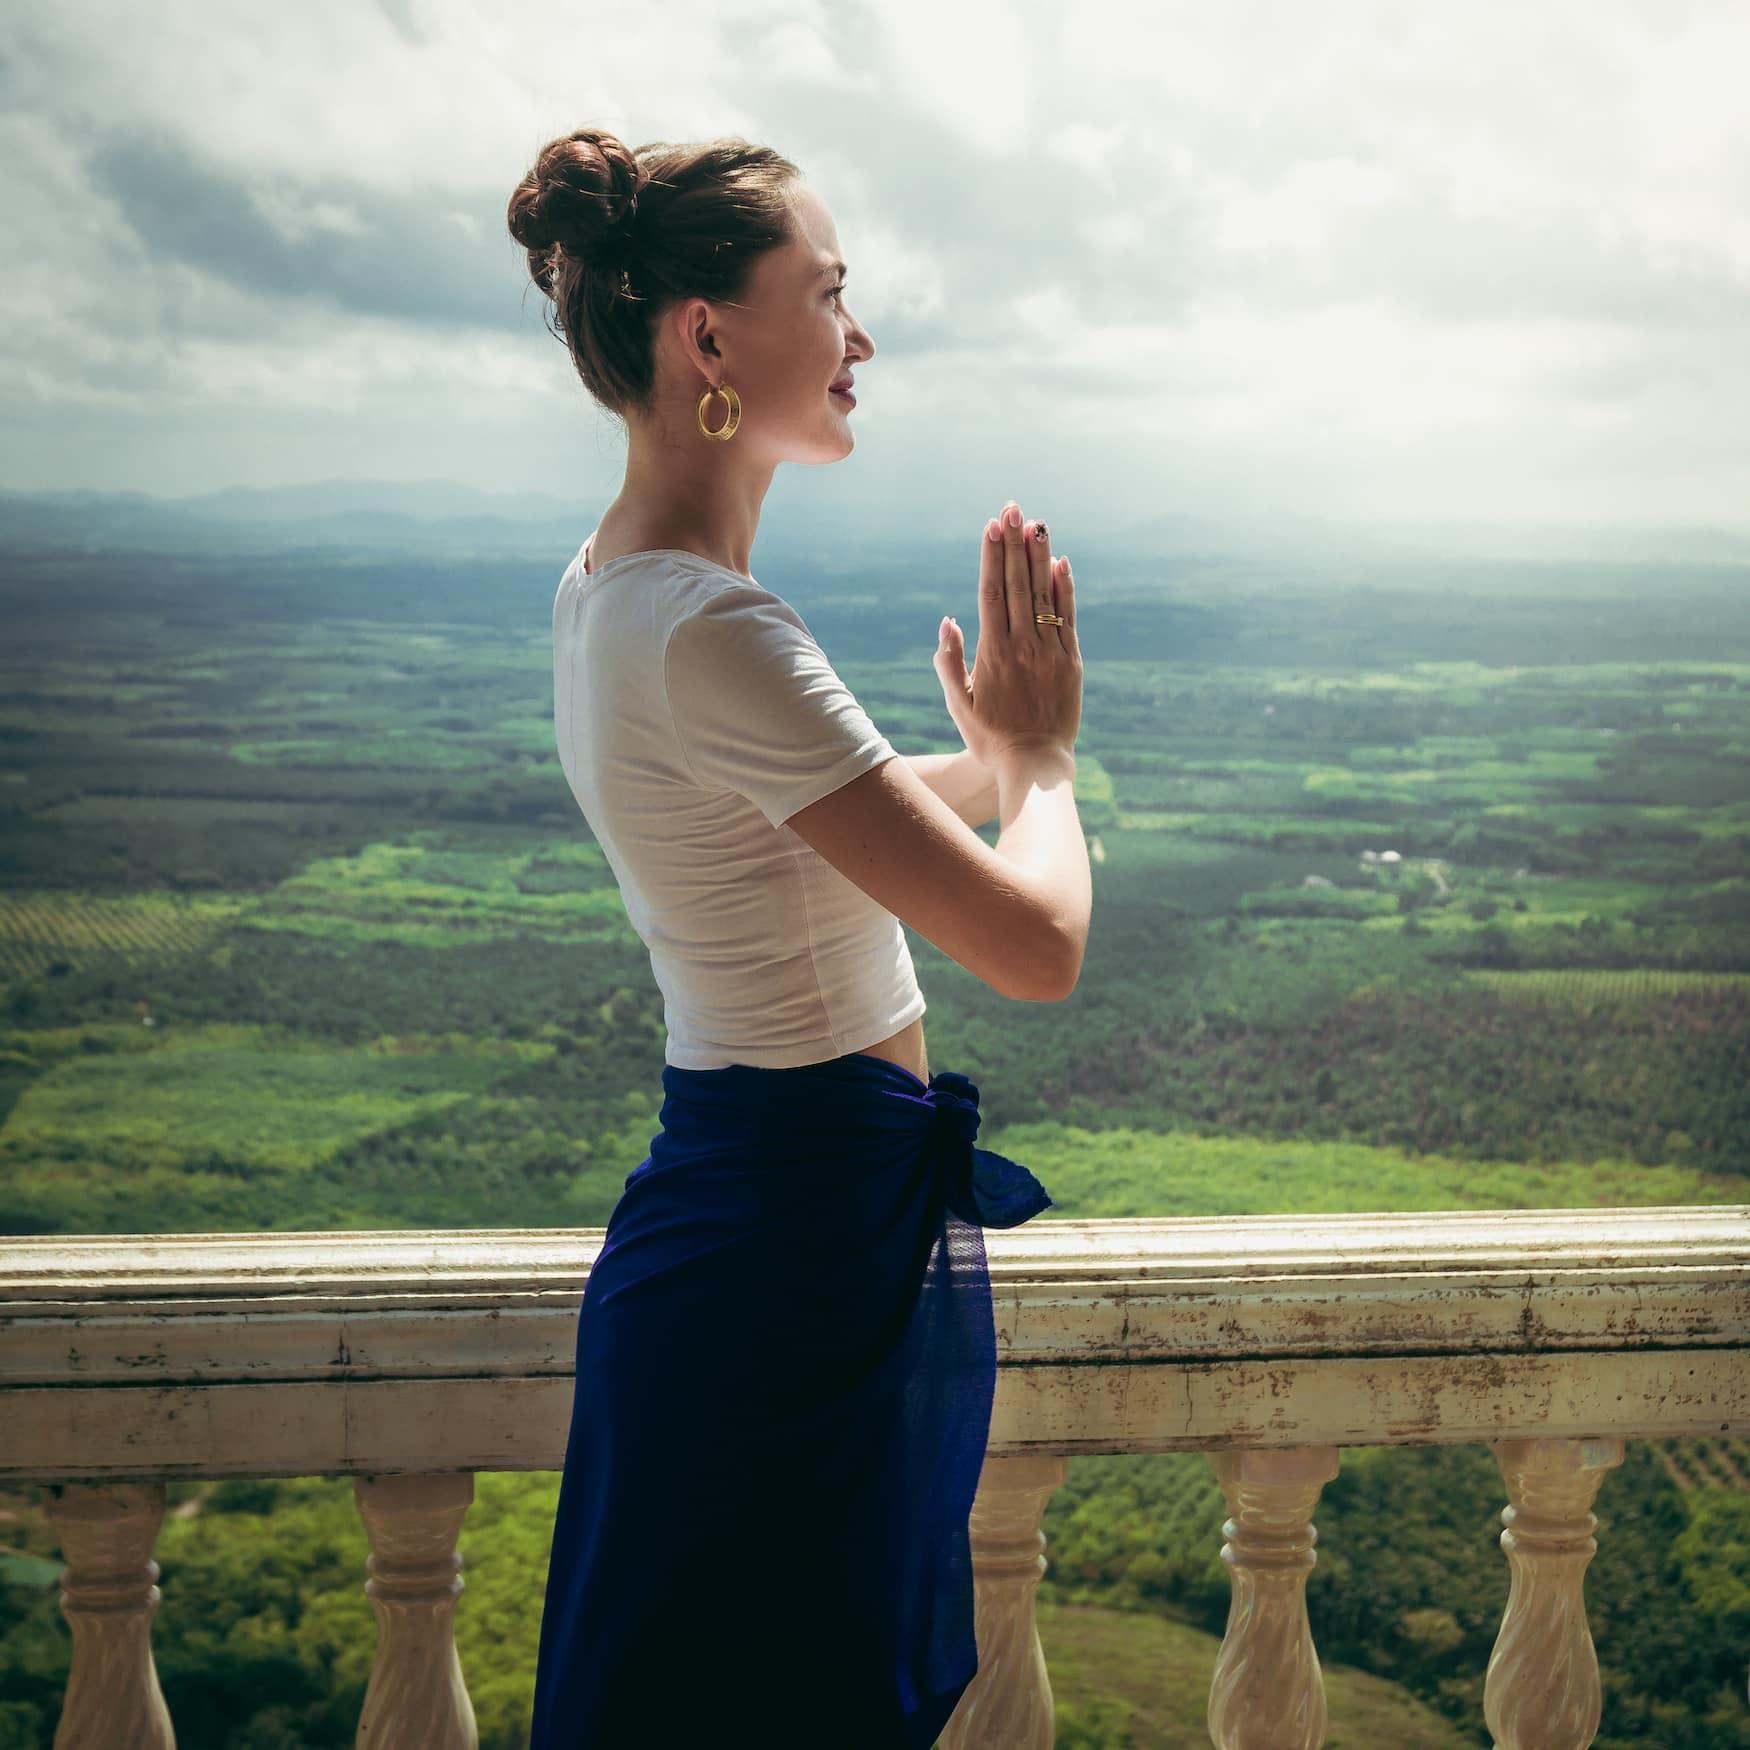 Andere Länder, andere Sitten: In Thailand begrüßt man sich, in dem man die Hände zusammenfaltet und sich verbeugt